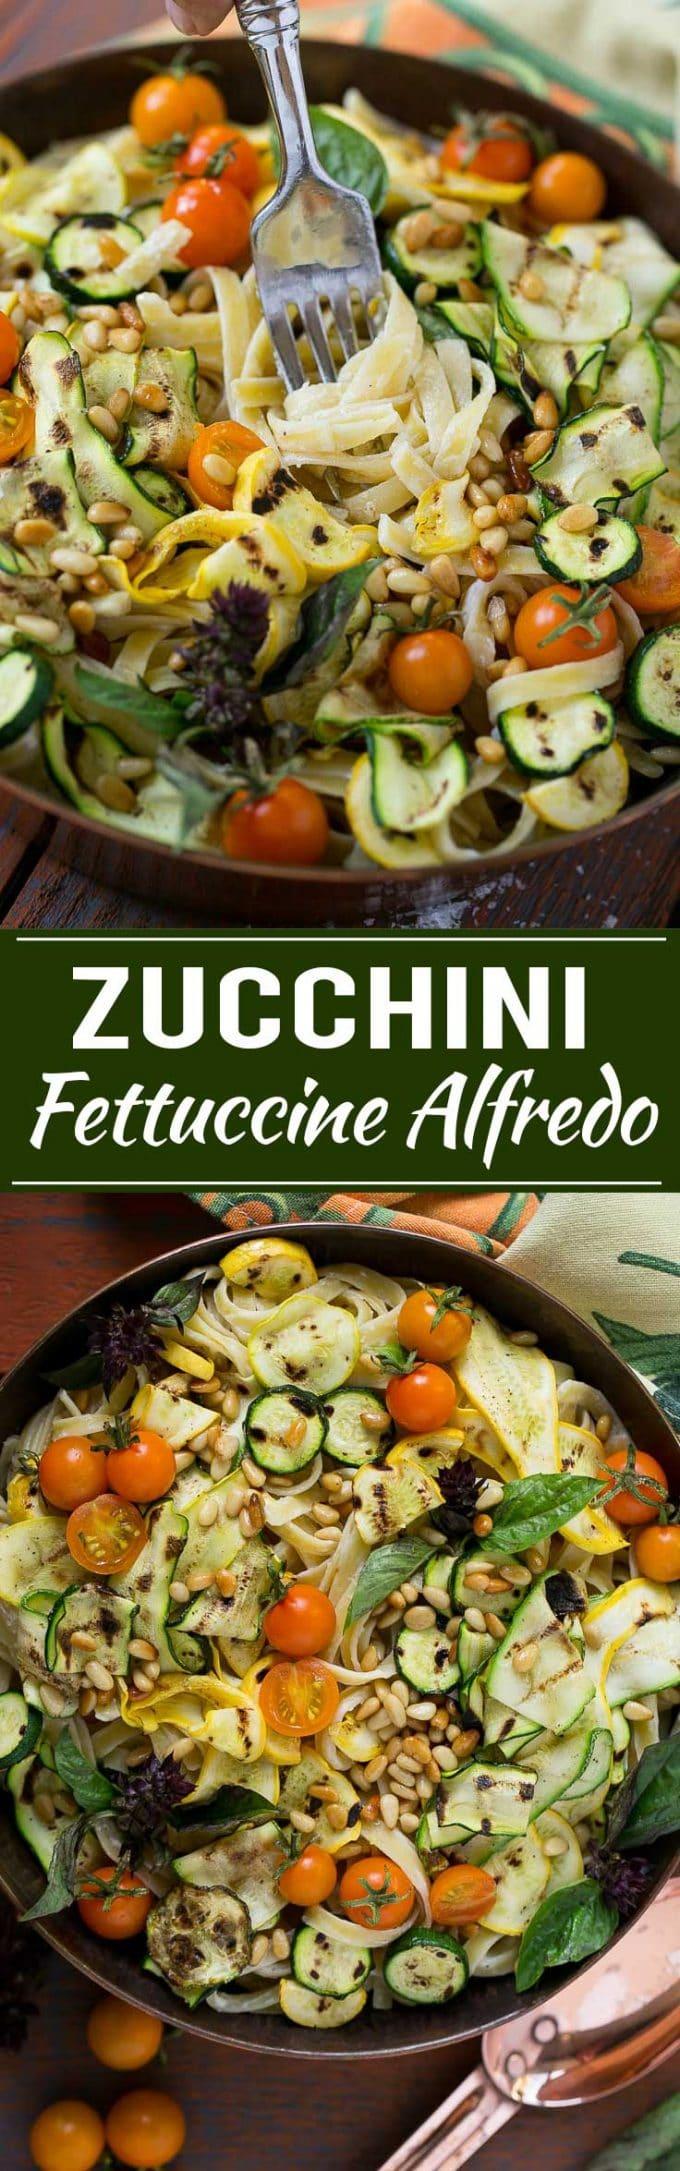 Zucchini Fettuccine Alfredo Recipe   Healthy Zucchini Fettuccine Alfredo   Lighter Zucchini Fettuccine Alfredo   Best Zucchini Fettuccine Alfredo